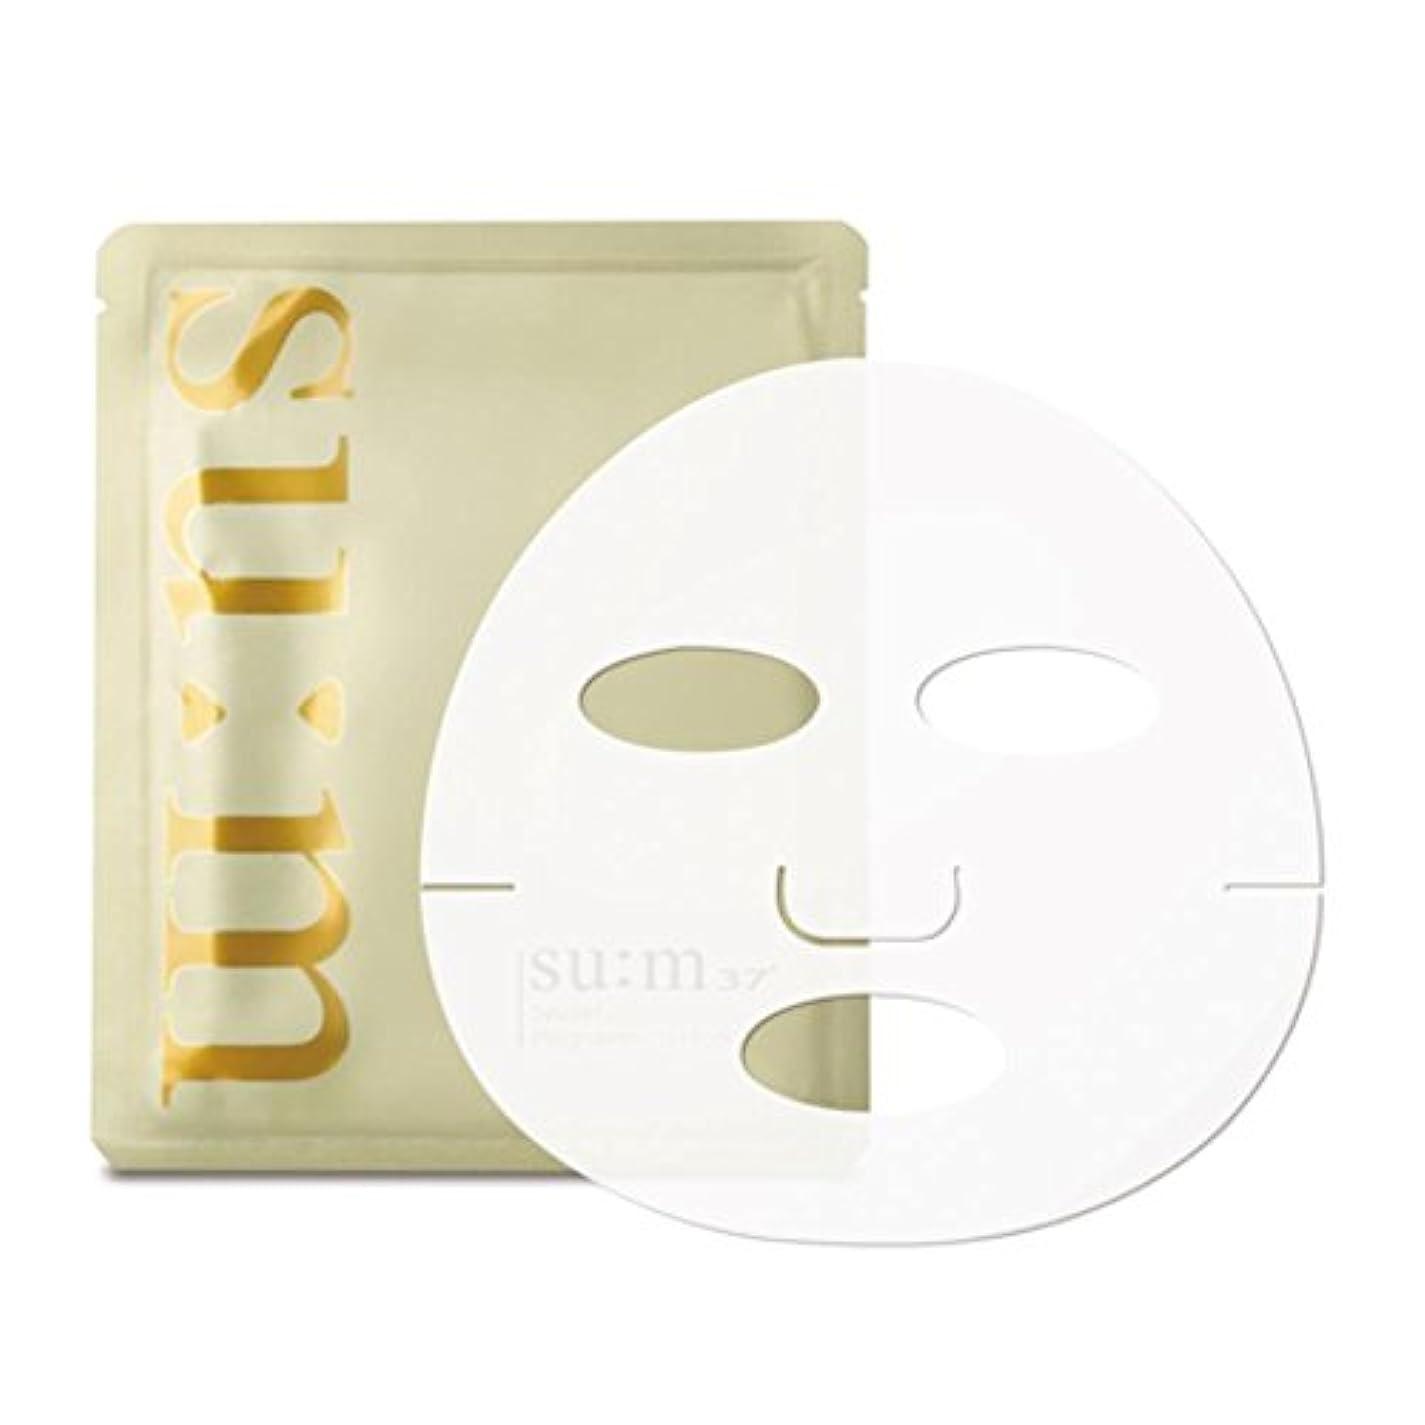 非公式インスタンスクラシック韓国コスメ [SUM37?スム37] シークレットプログラミングマスク27g×8枚セット(シートマスク) LG 生活健康 正規品